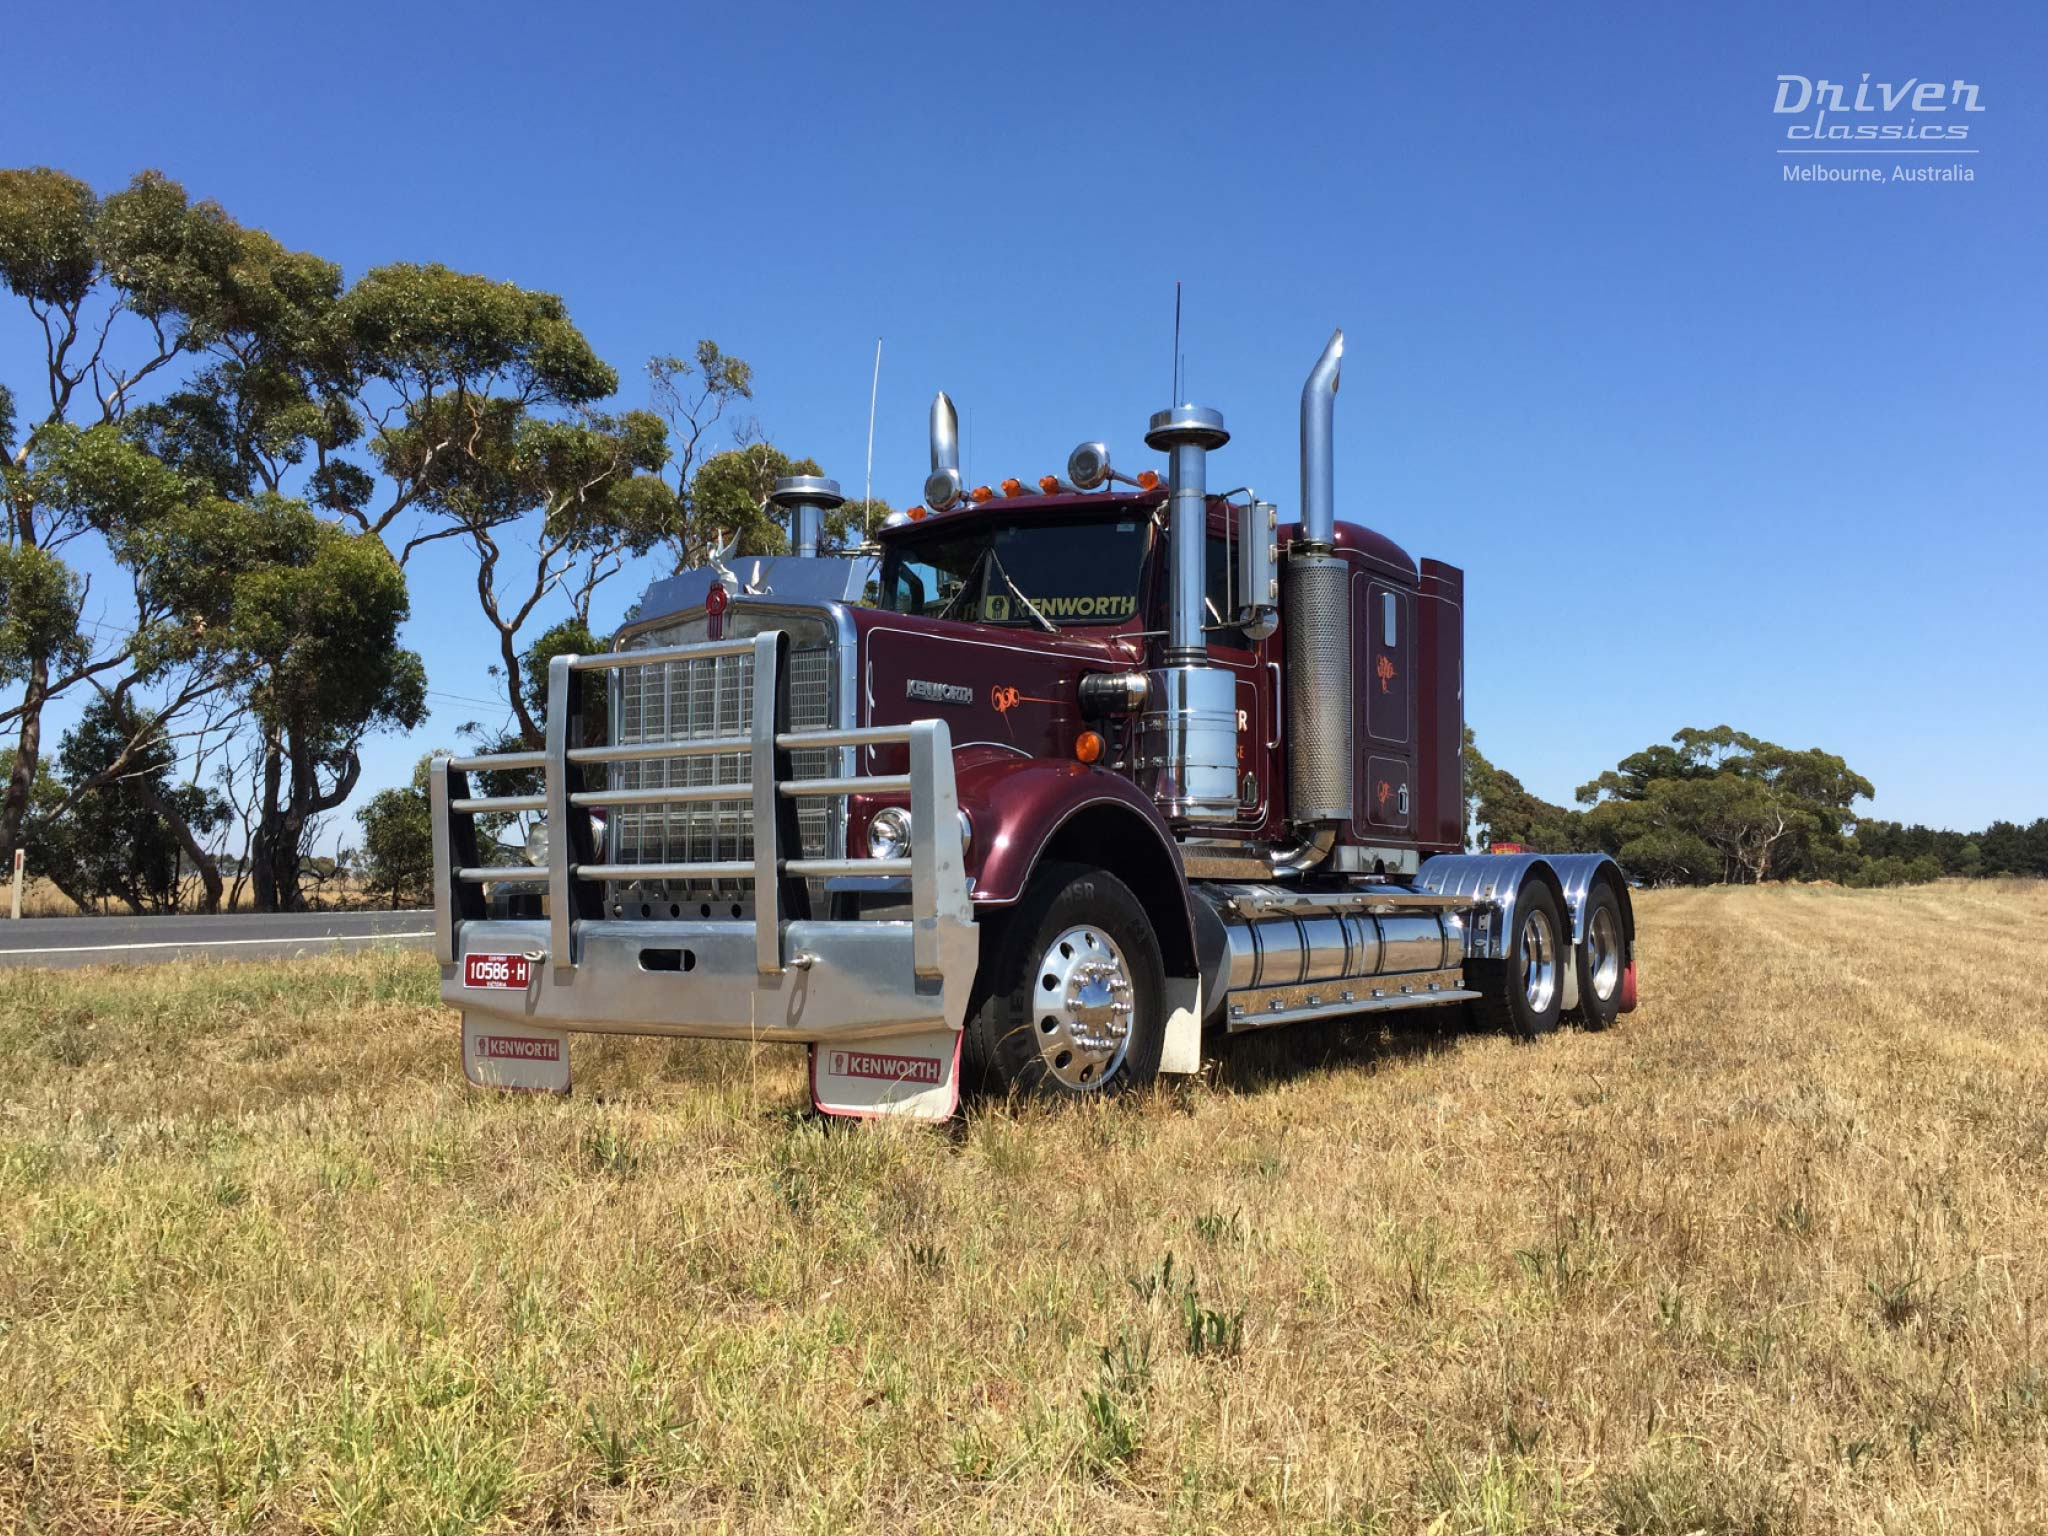 1986 Kenworth W925 truck, December 2015